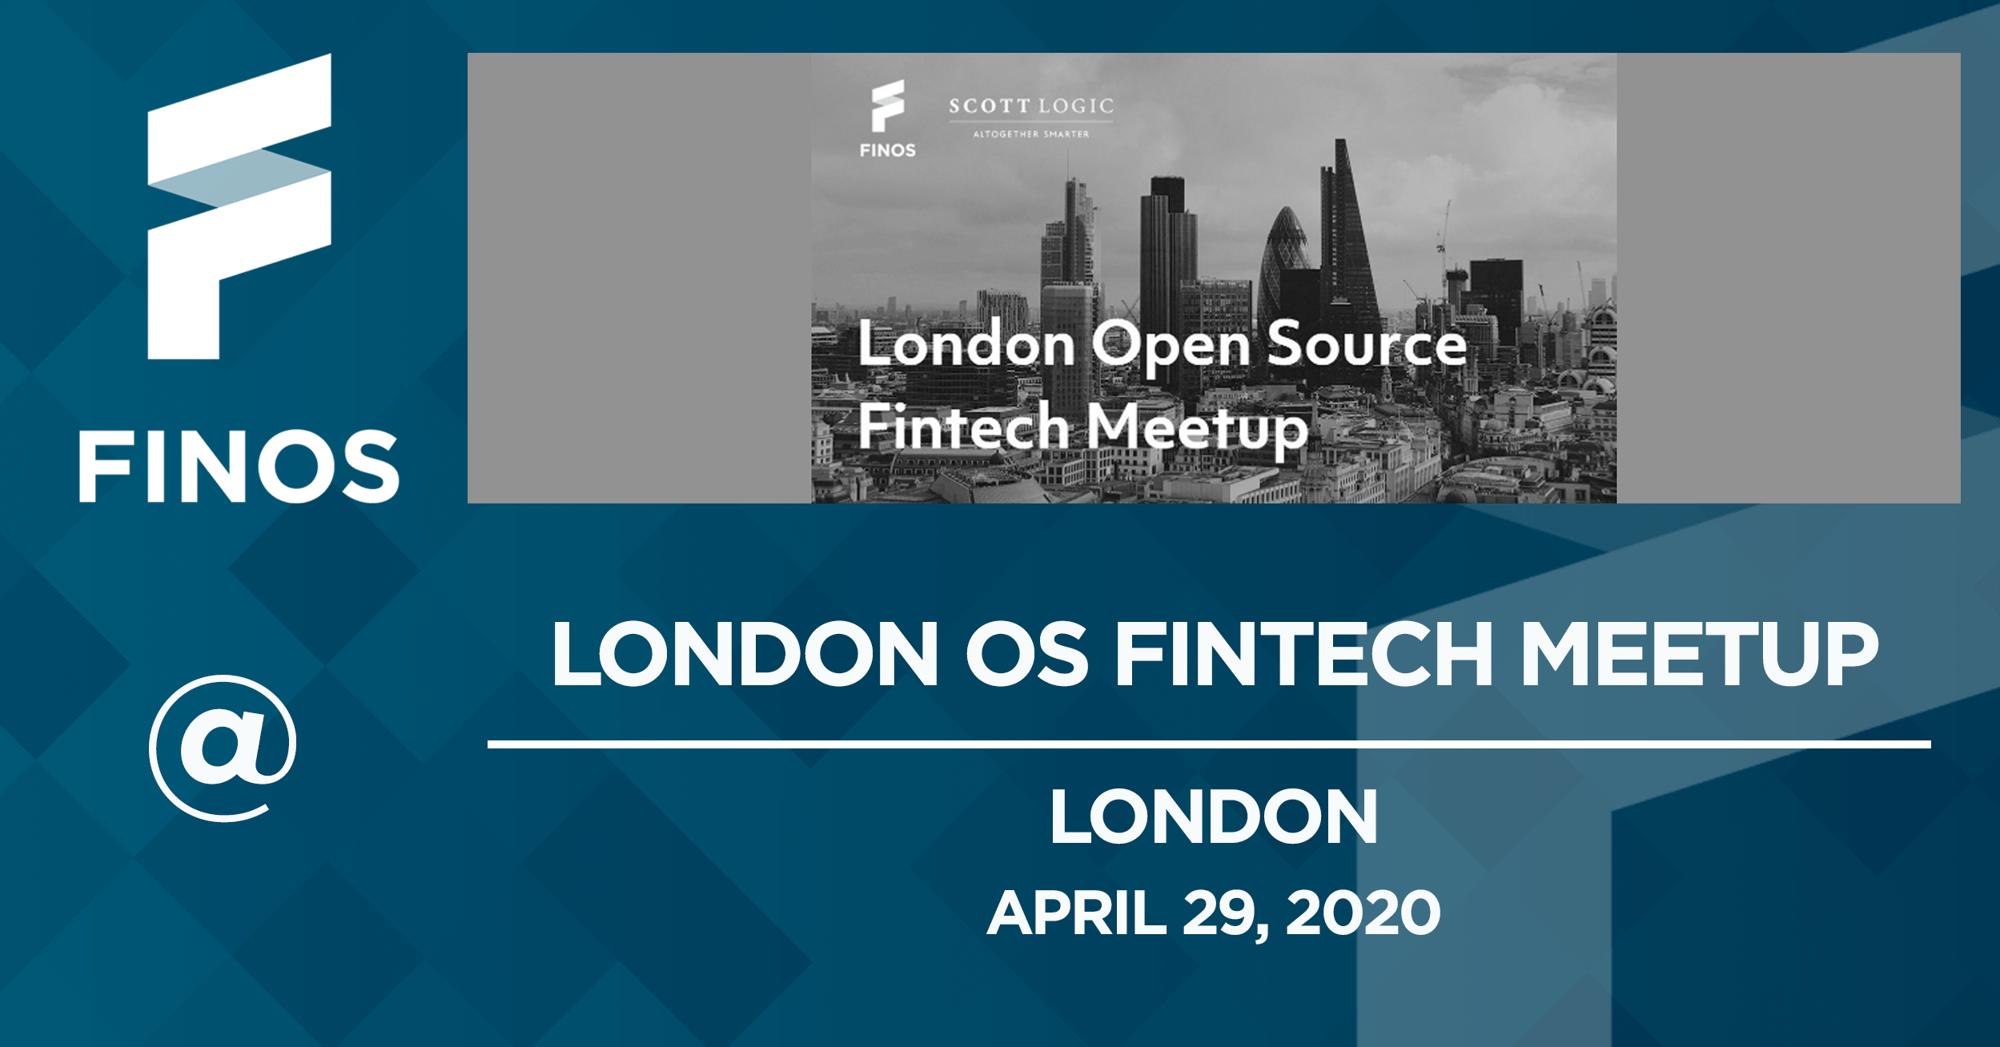 FINOS-London-OS-Fintech-Meetup-2020